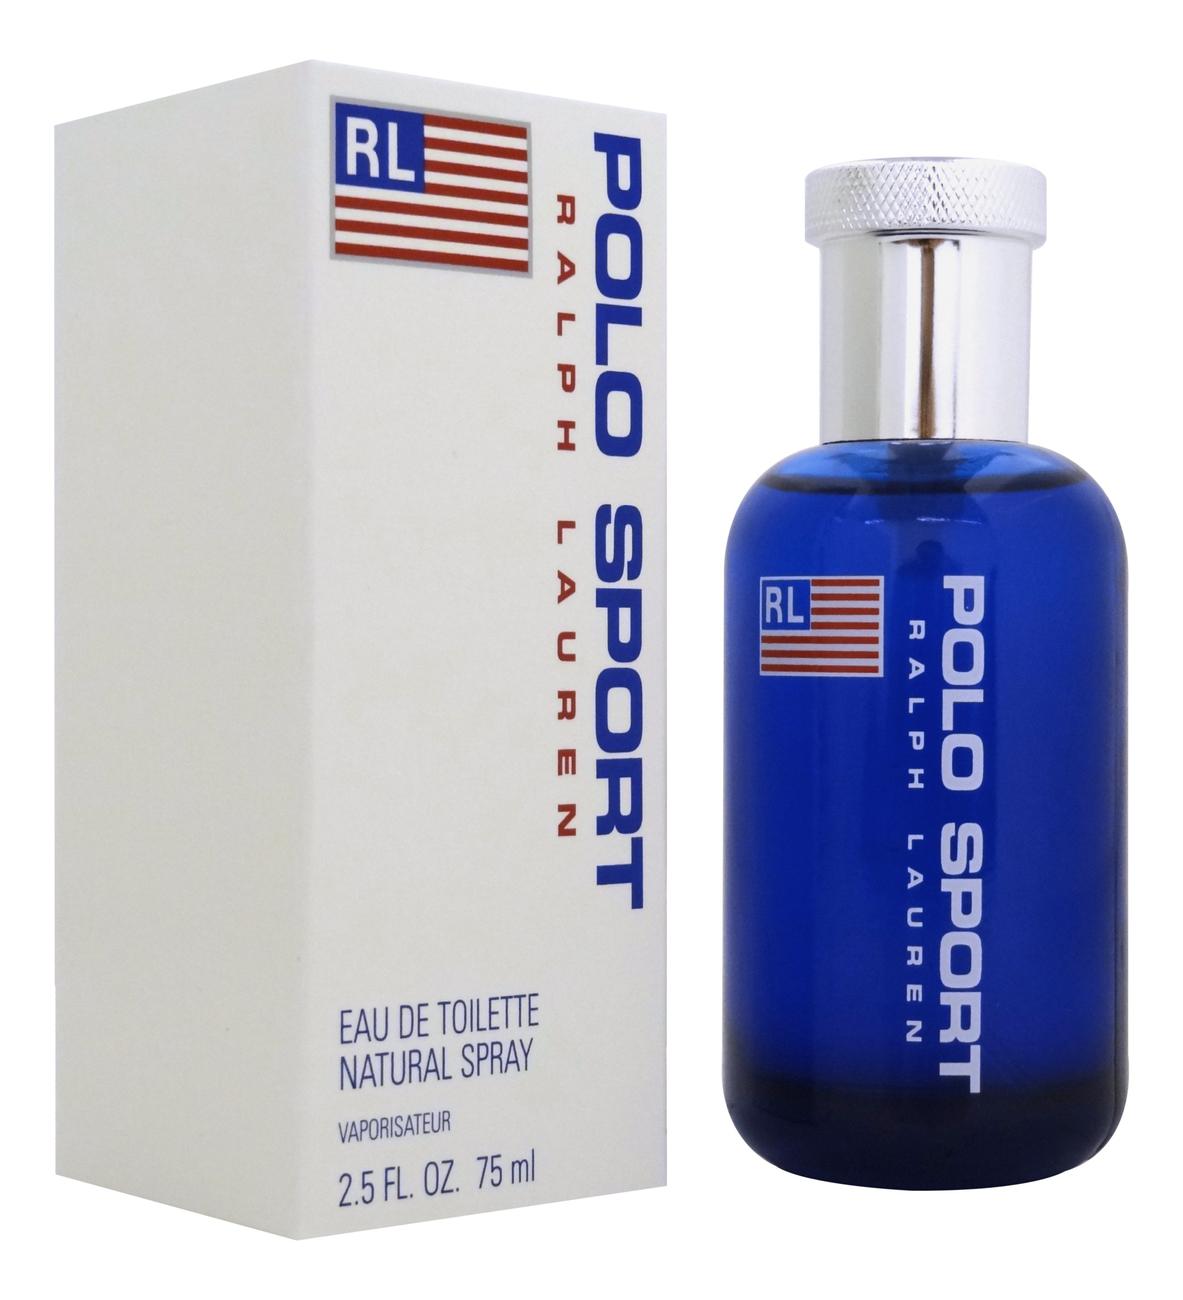 Ralph Lauren Polo Sport Men: туалетная вода 75мл ralph lauren polo red intense парфюмерная вода 75мл